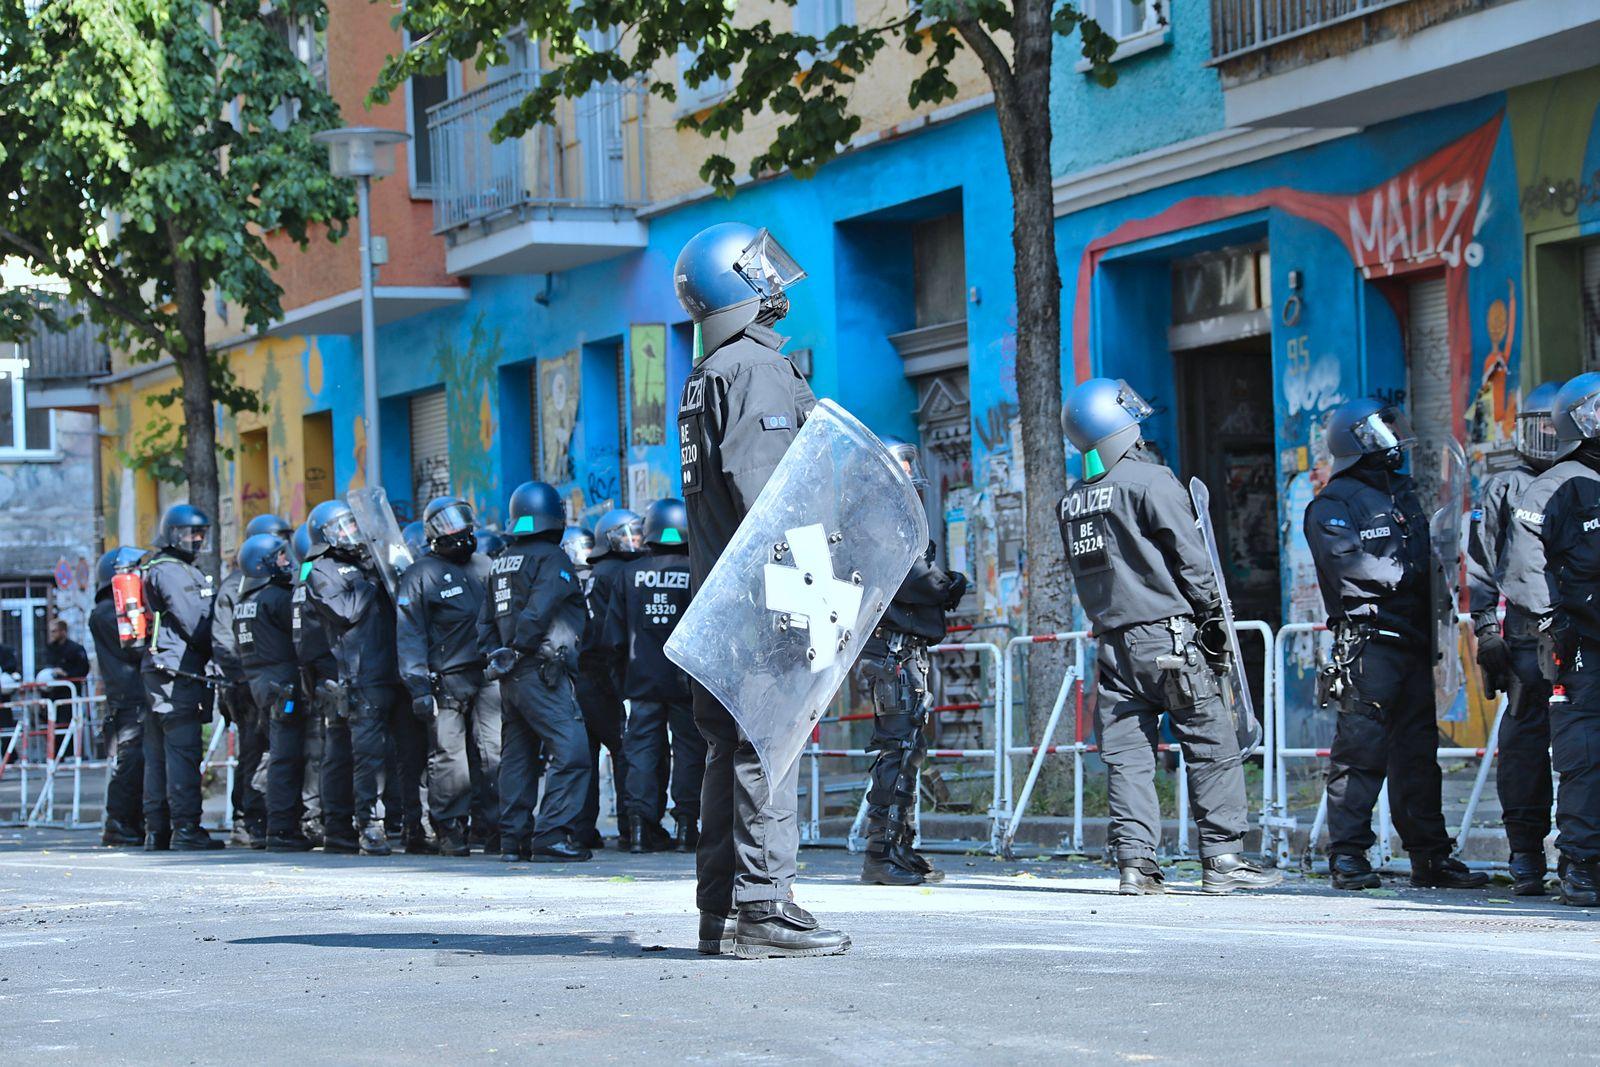 Polizei im Einsatz in der Rigaer Strasse 94 in Berlin Polizei im Einsatz in der Rigaer Strasse 94 in Berlin Berlin Riga